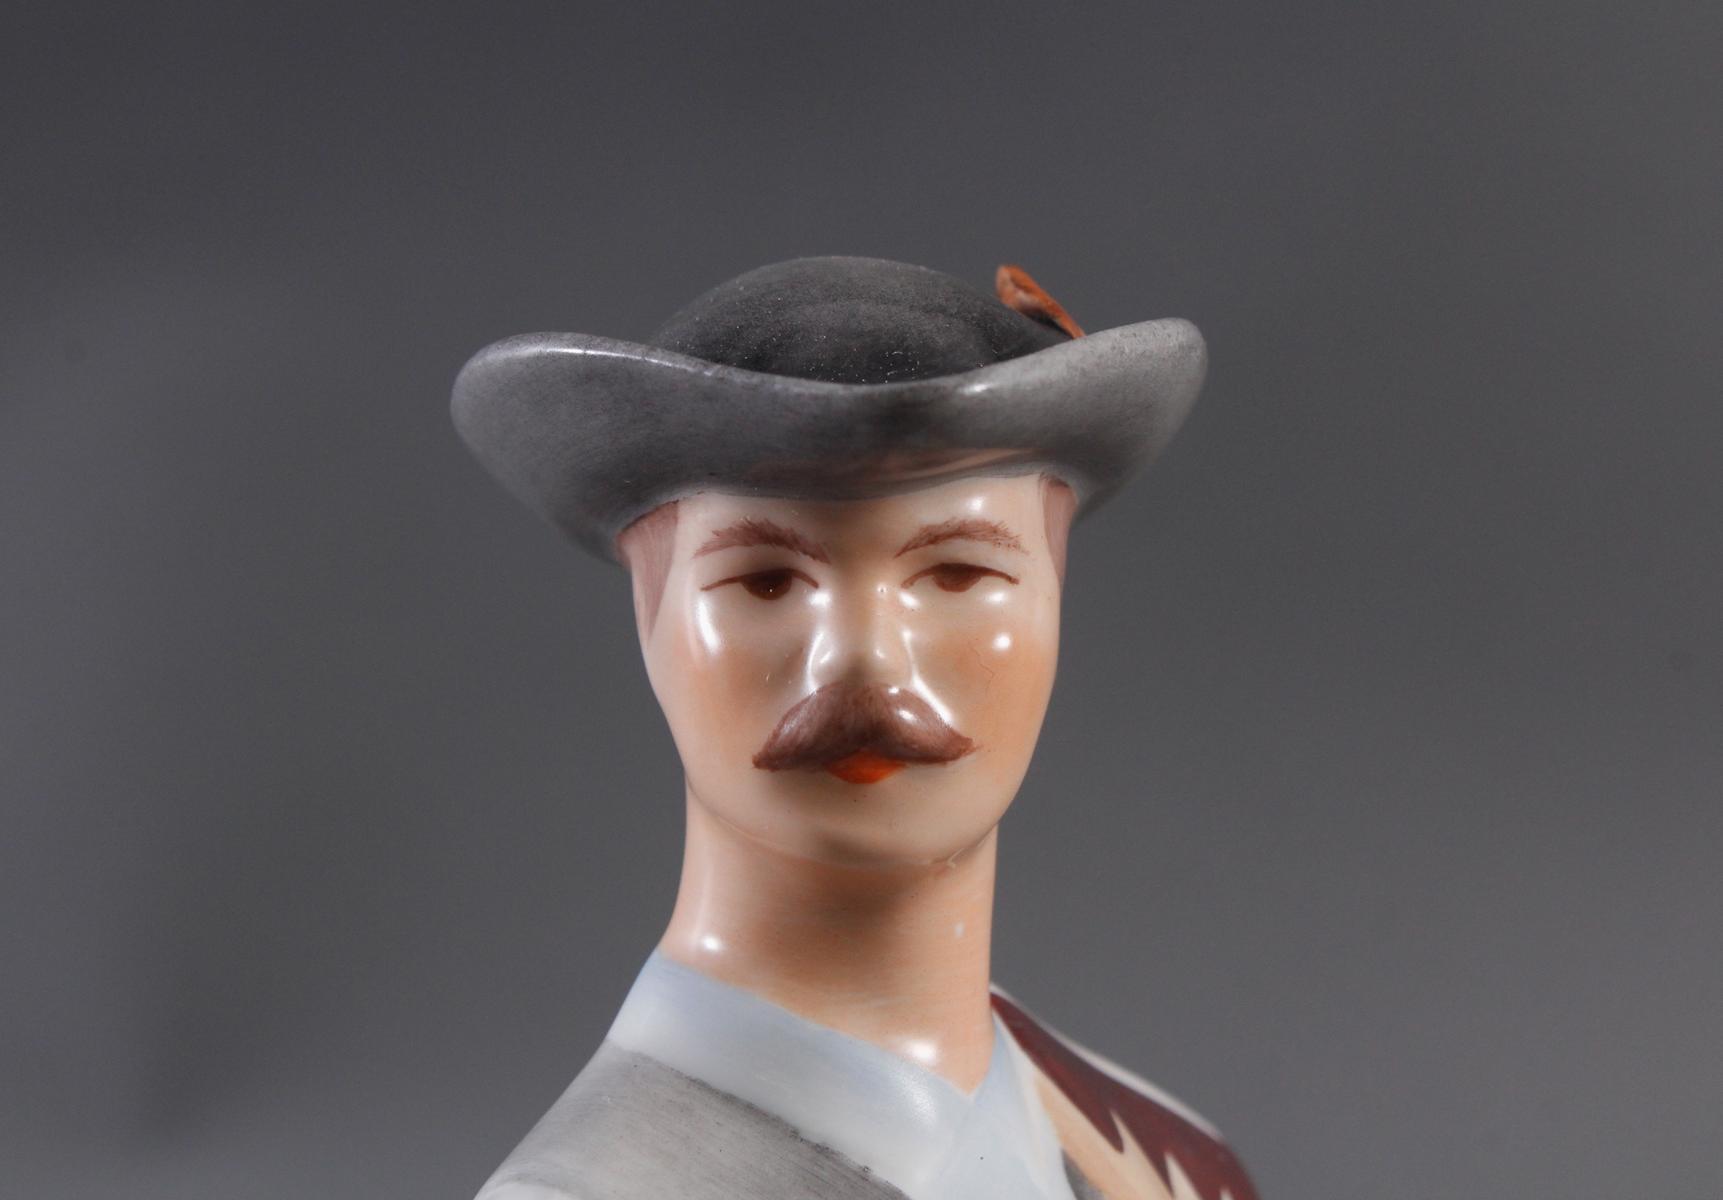 Porzellanfigur, Budapest Aquincum, 'Mann in Tracht'-5